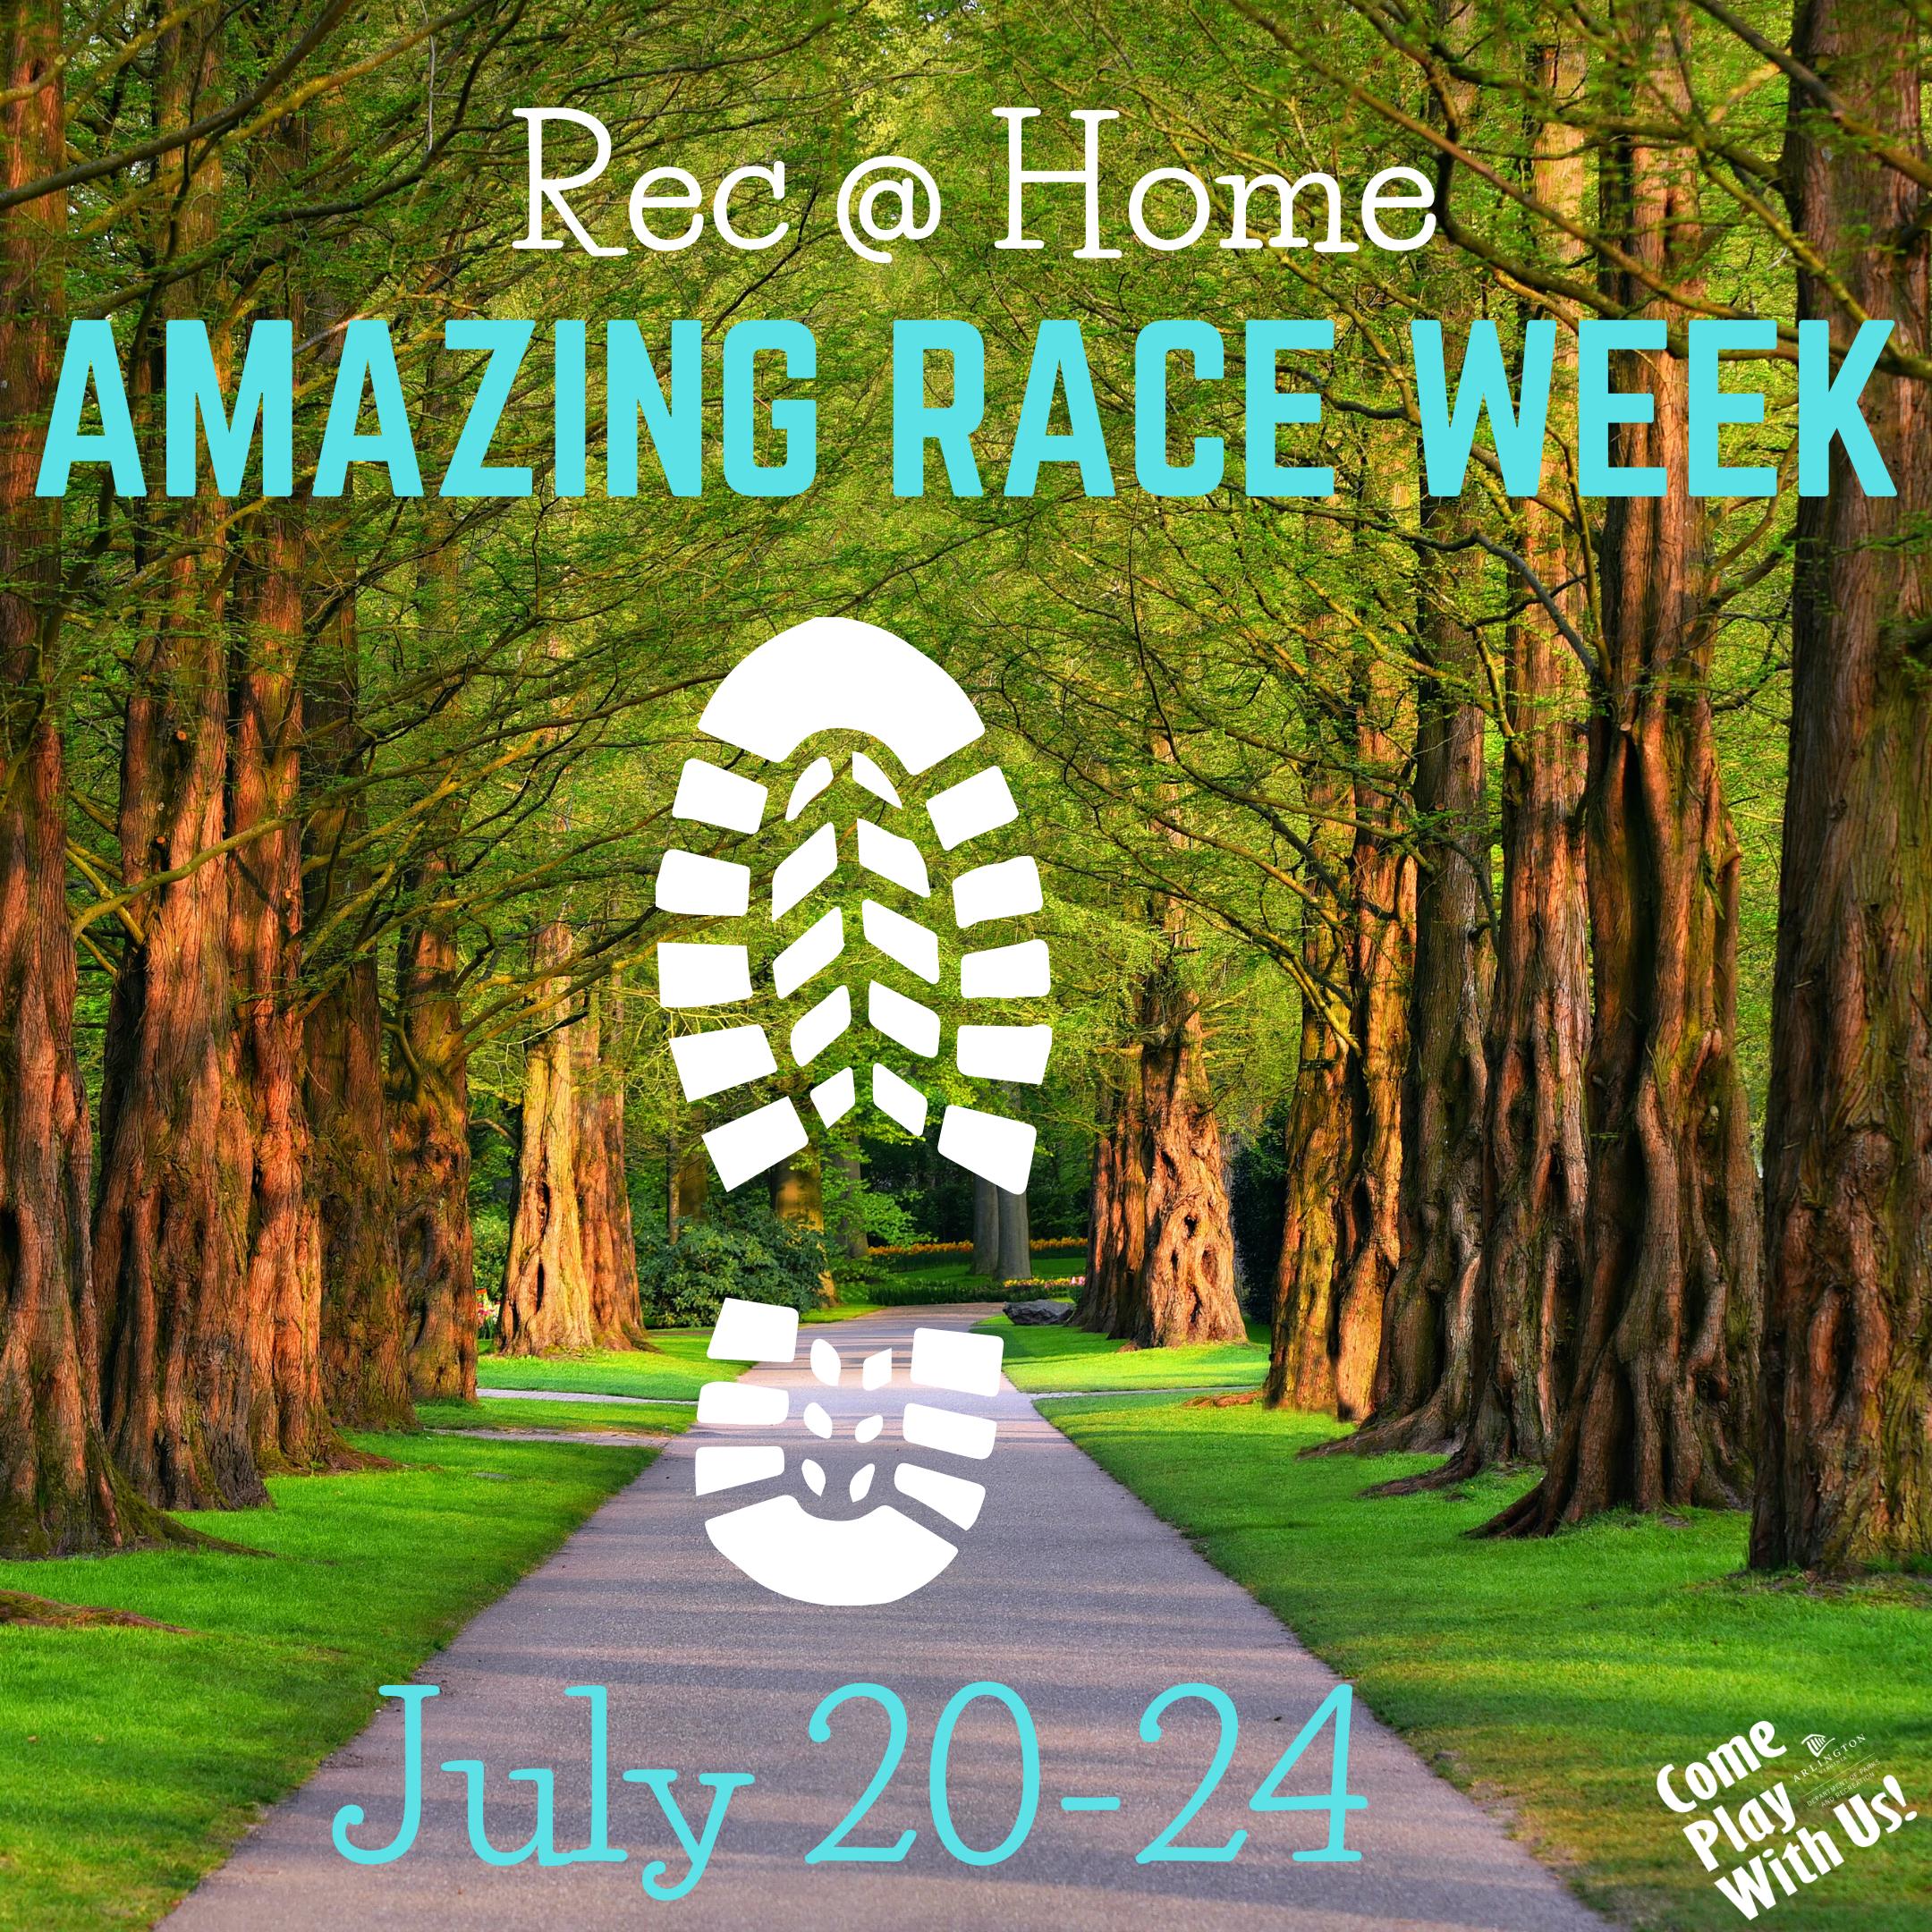 Rec Home Amazing Race Course Parks Recreation